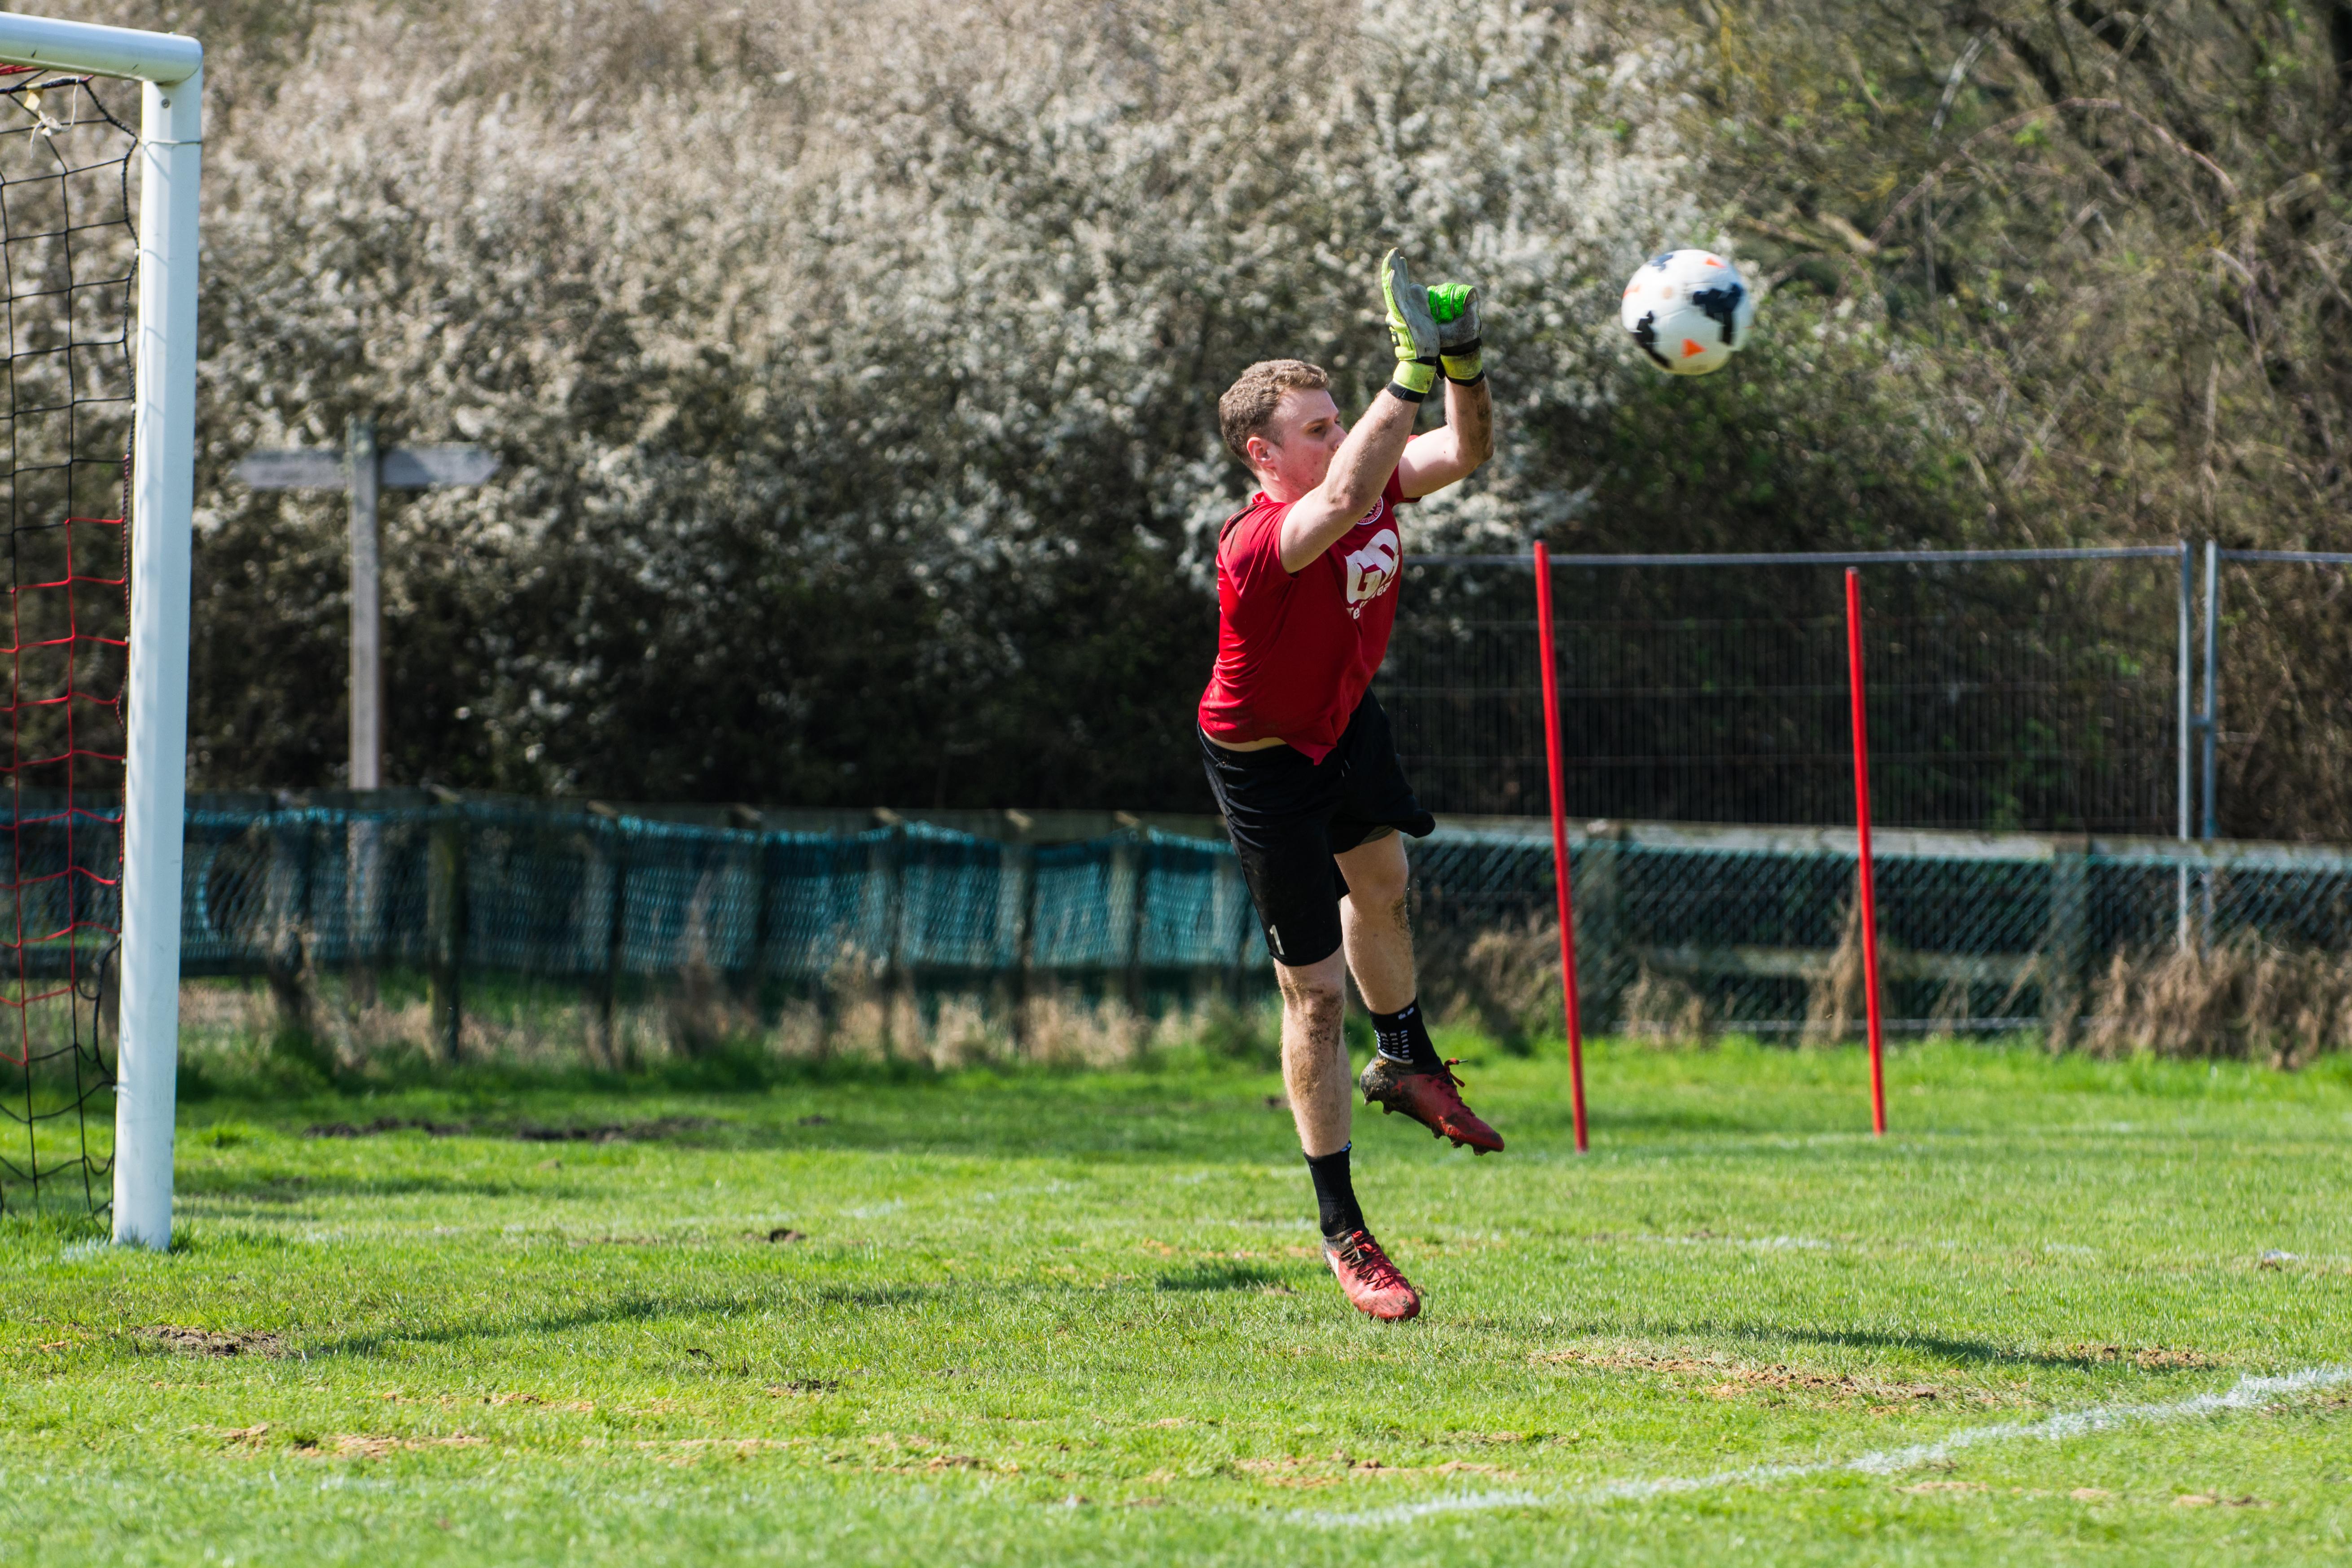 DAVID_JEFFERY Billingshurst FC vs AFC Varndeanians 14.04.18 05